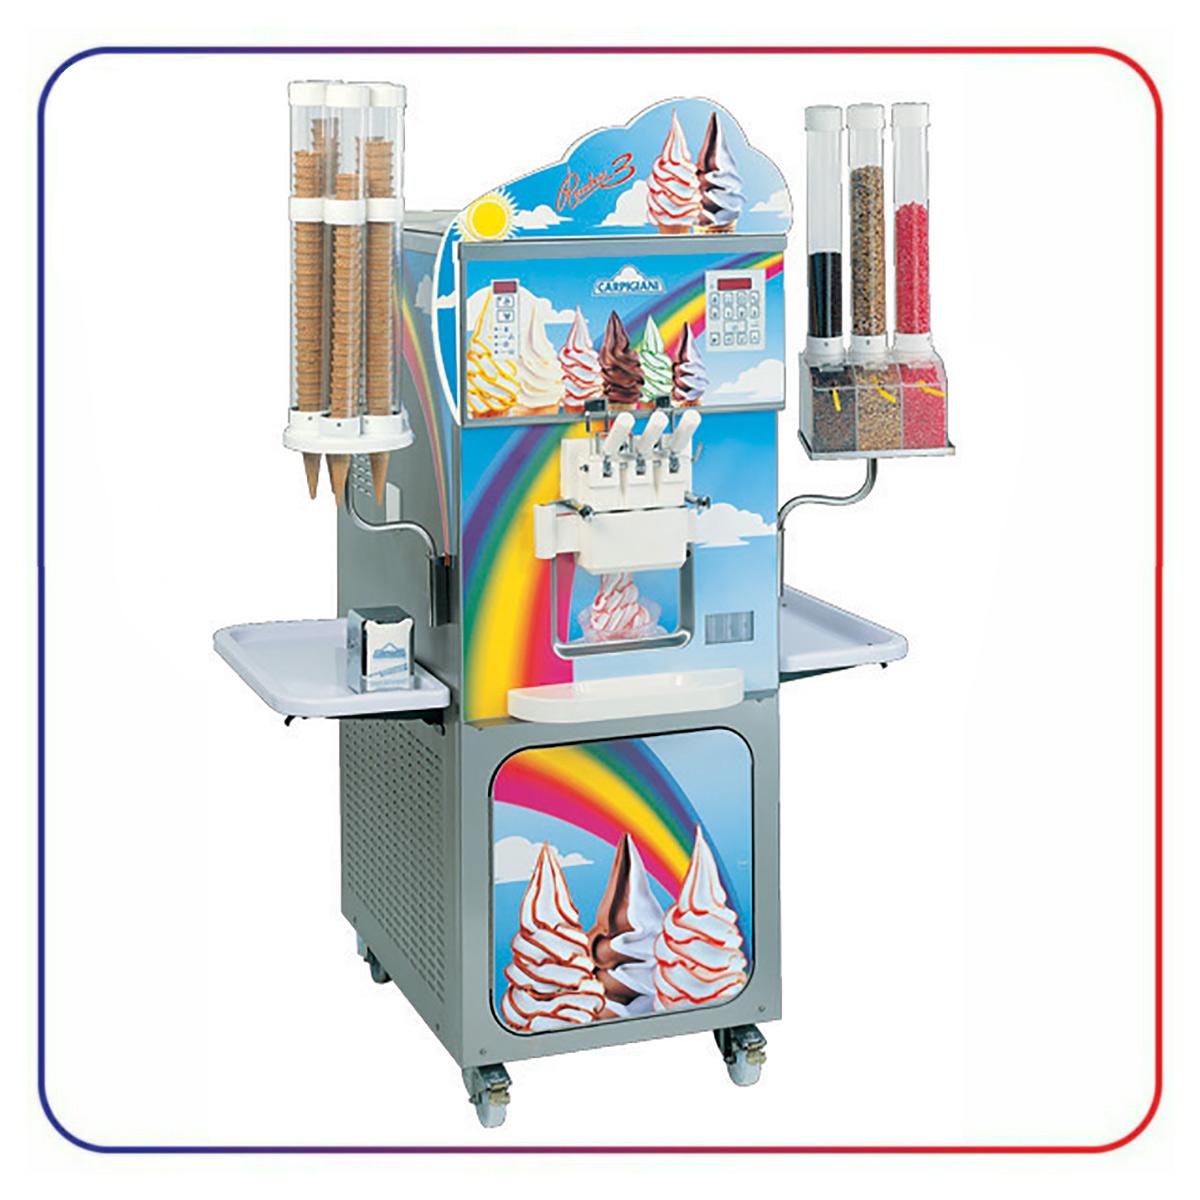 دستگاه بستنی ساز کارپیجیانی CARPIGIANI RAINBOW 3